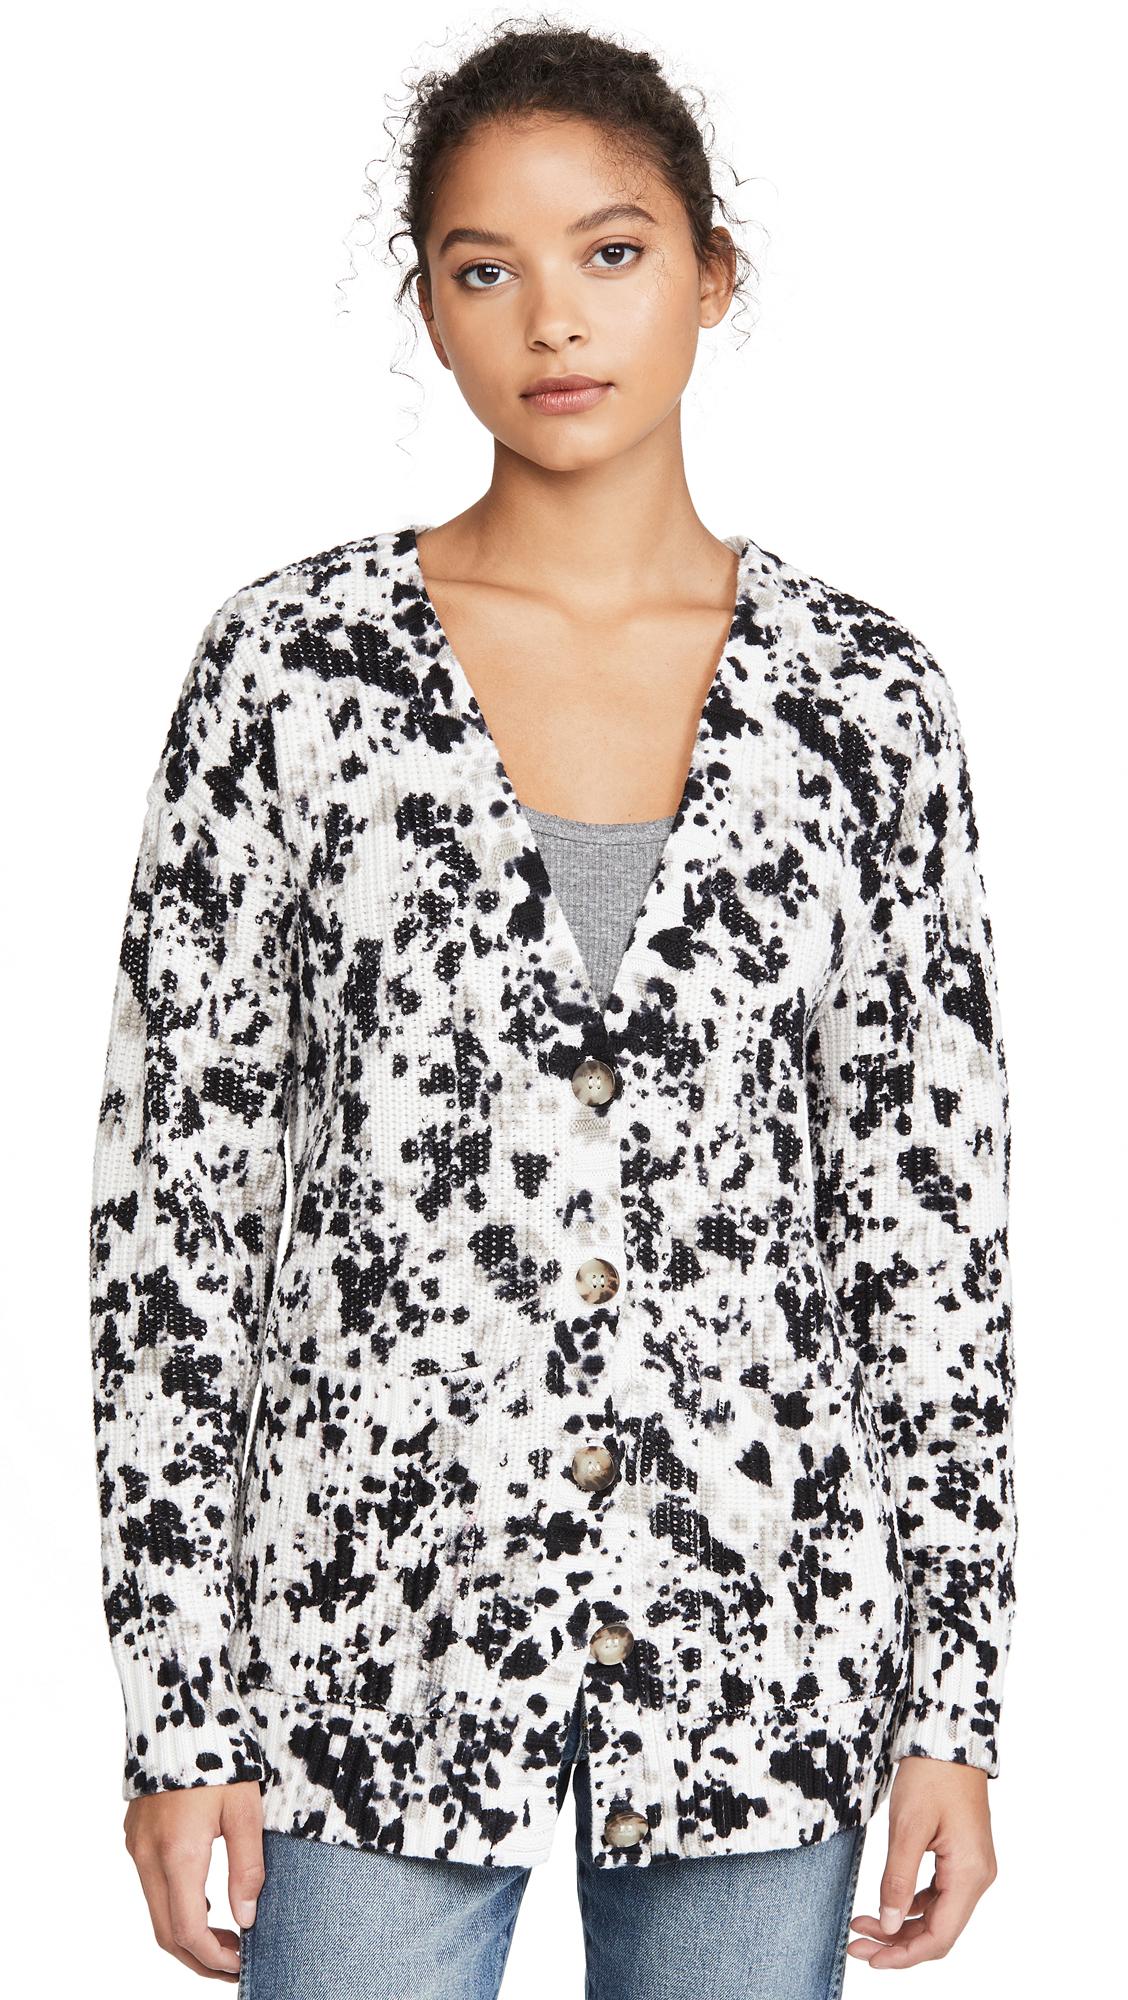 Buy  online - photo of 525 Printed Cardigan